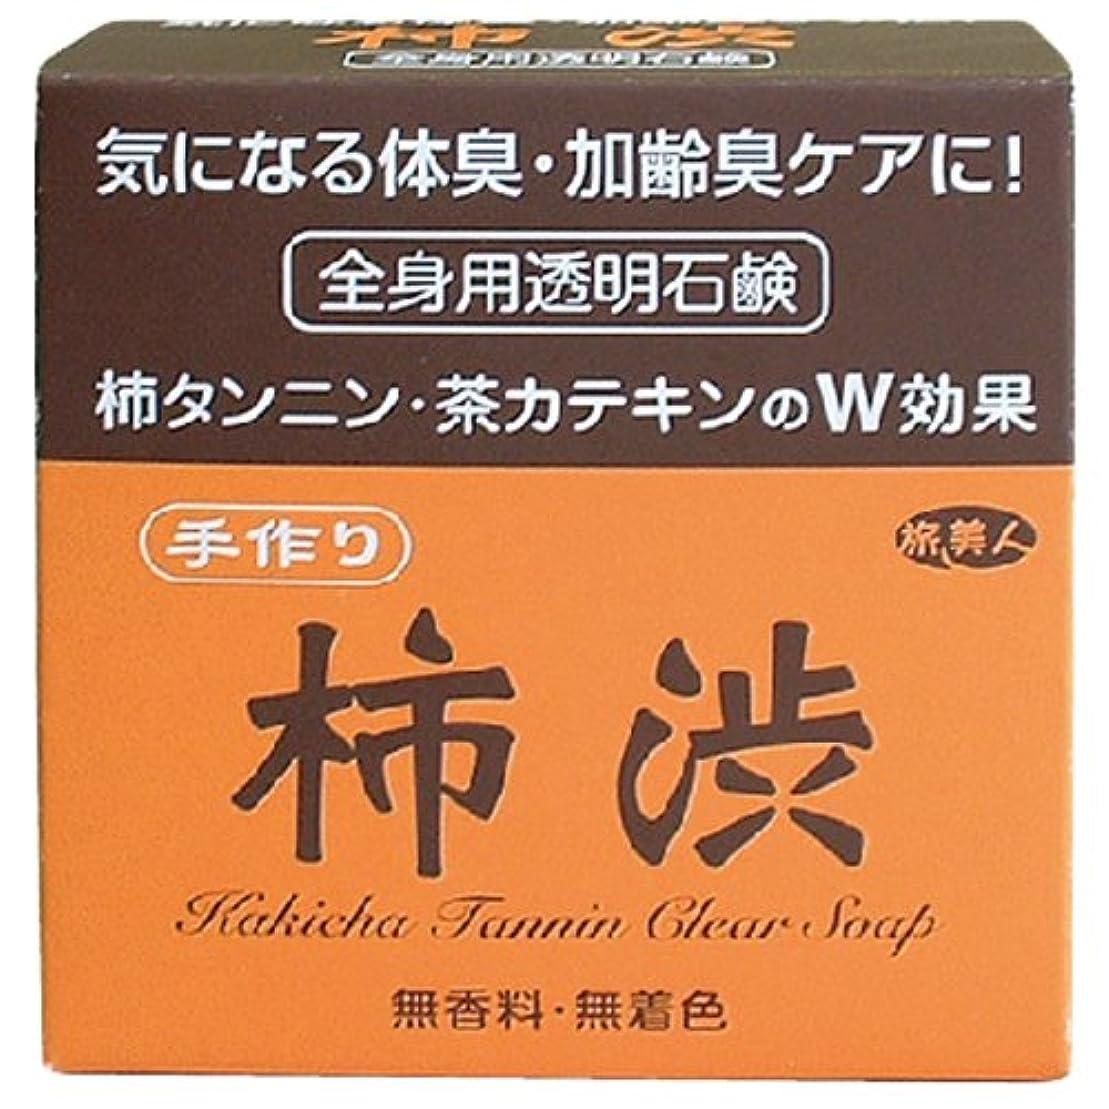 周辺生き物石気になる体臭?加齢臭ケアに アズマ商事の手作り柿渋透明石鹸